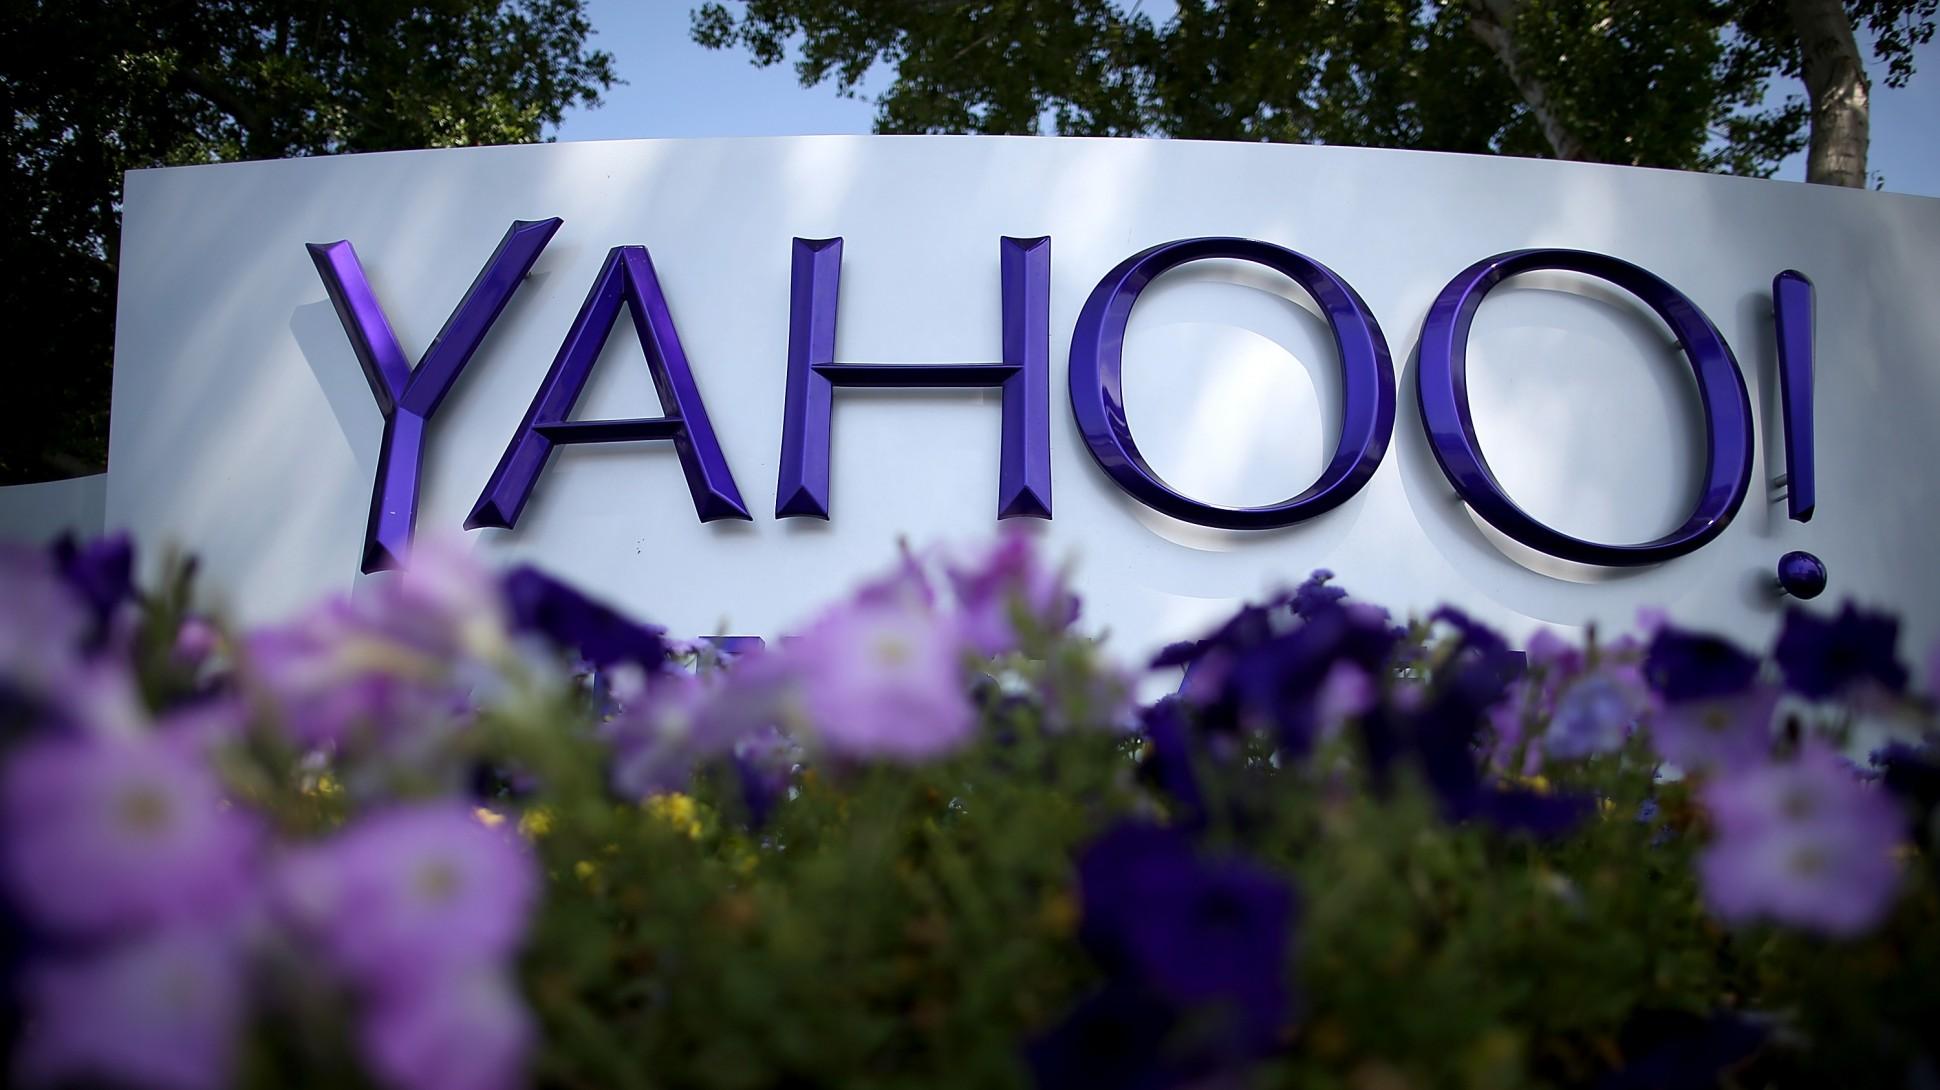 Потенциальные инвесторы оценили интернет-бизнес Yahoo! в $2-3 млрд